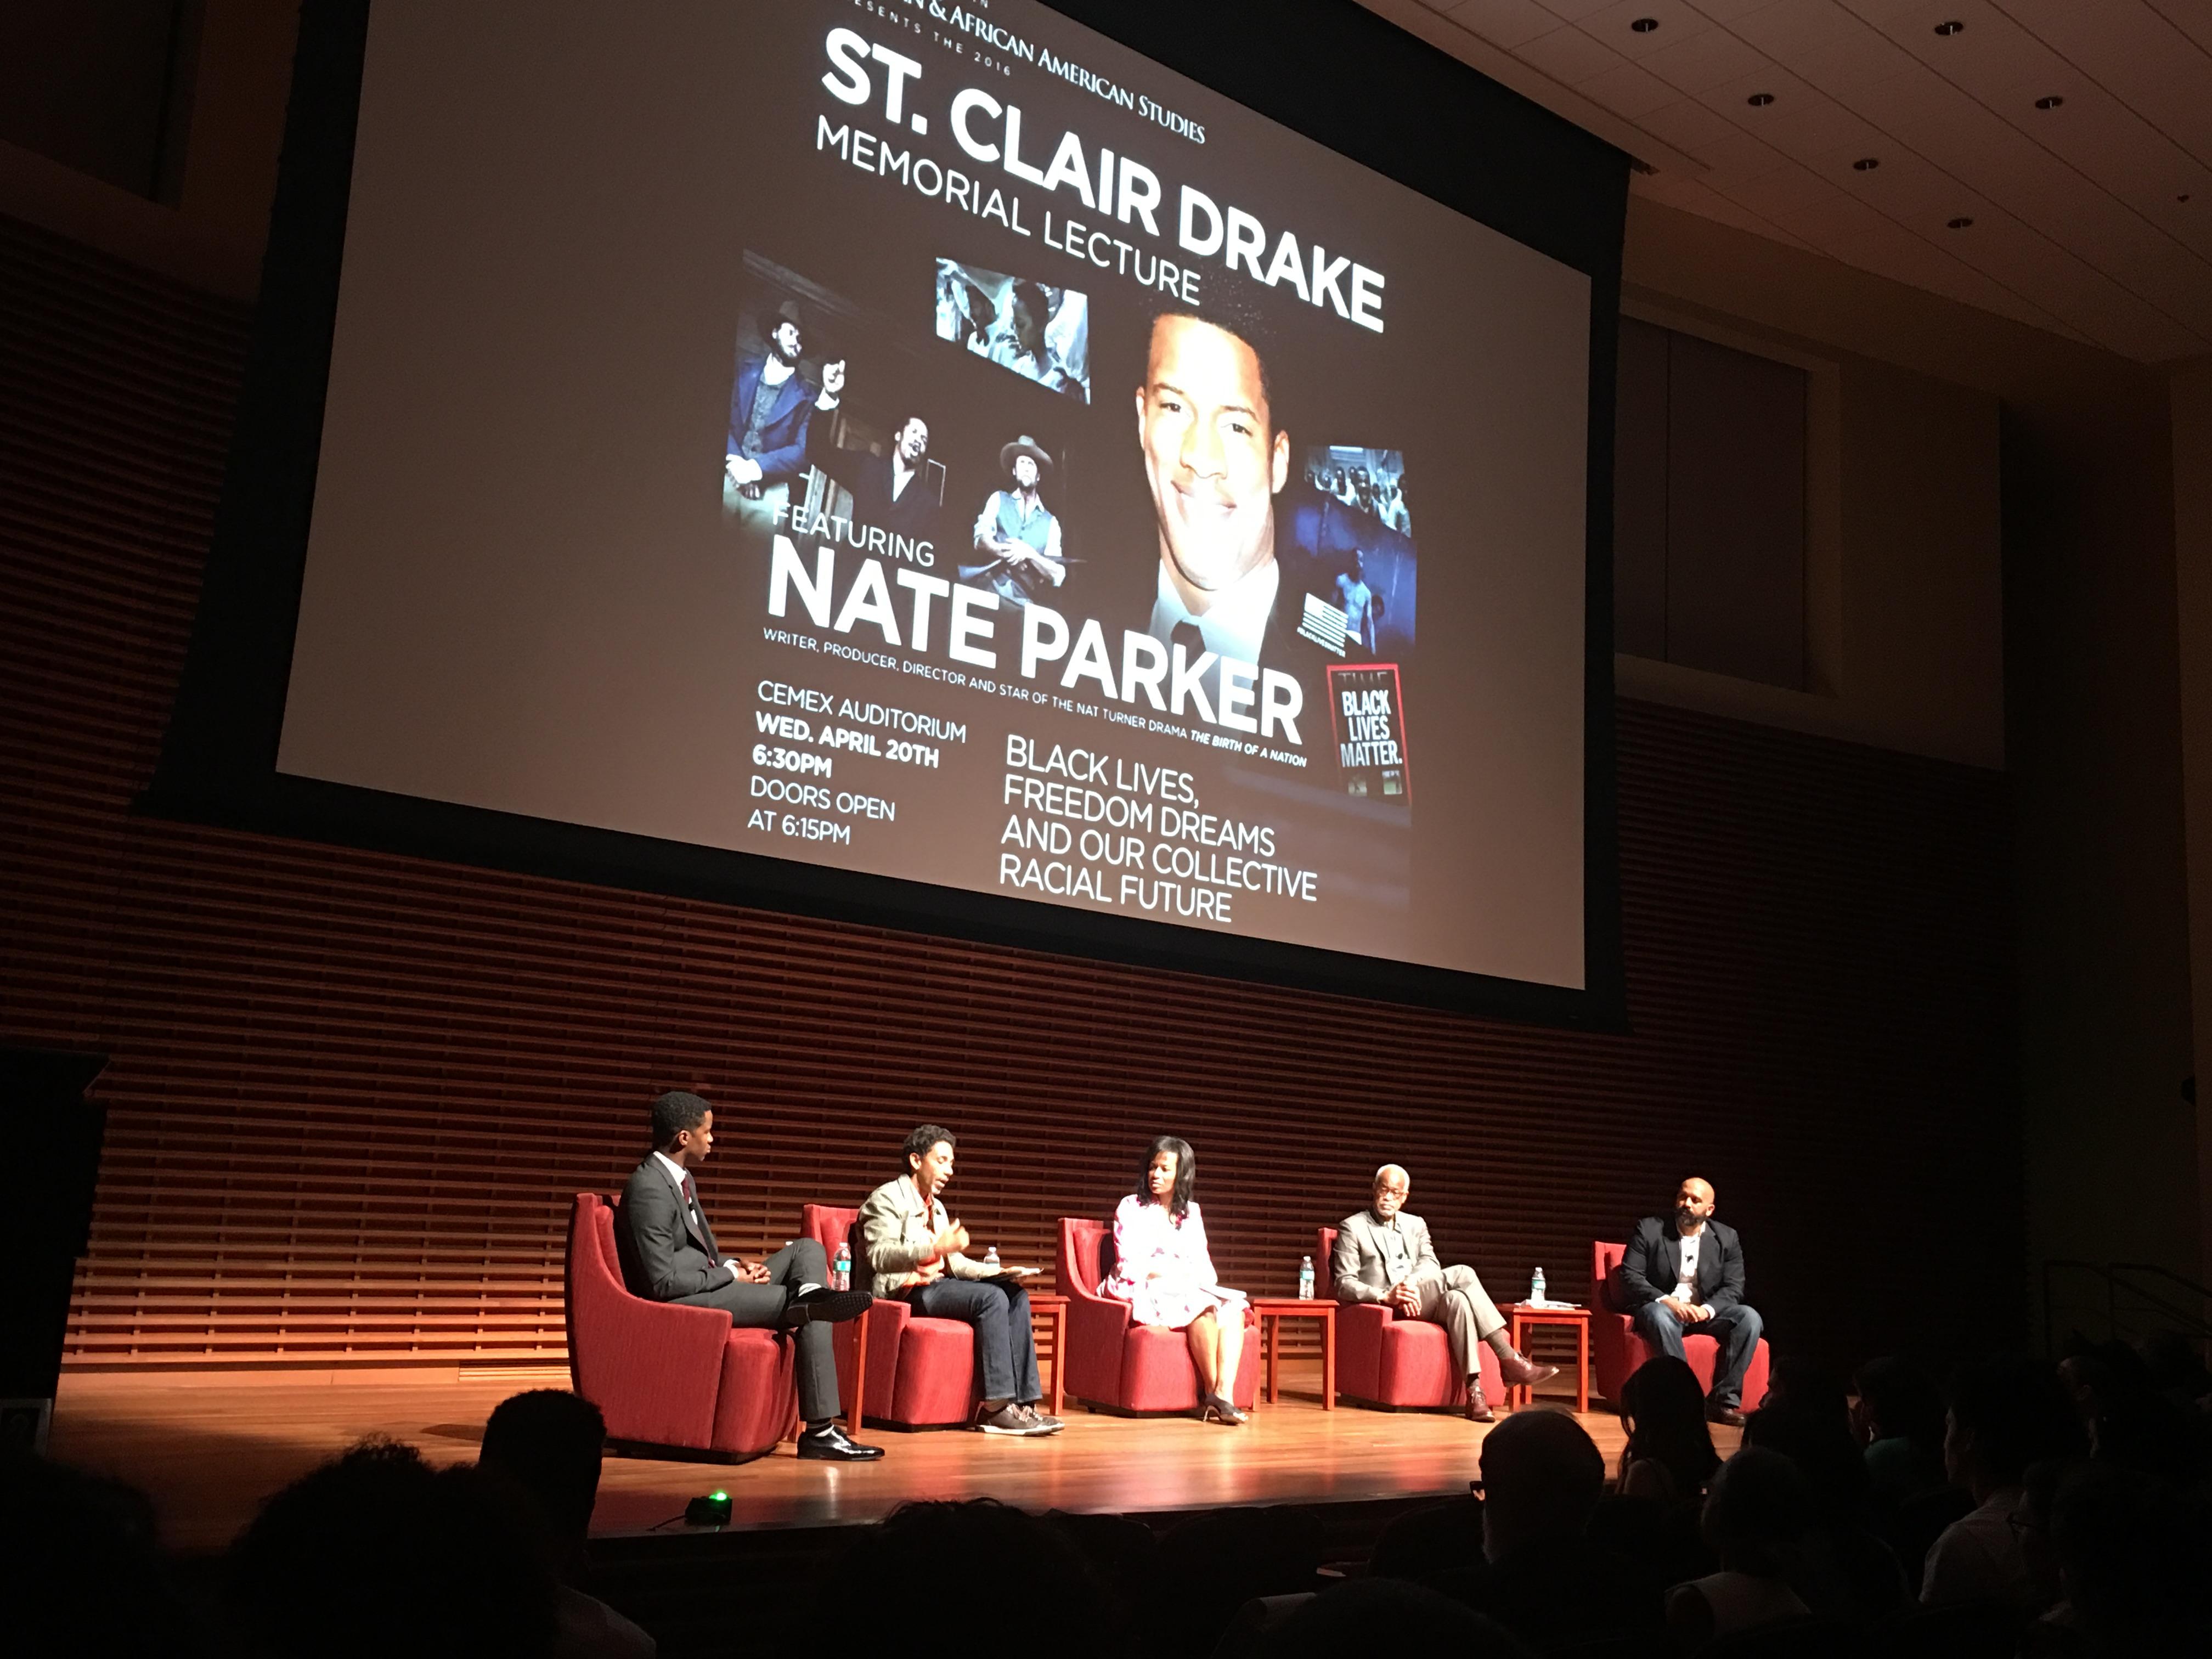 I was at Nate Parker's sensational Stanford event